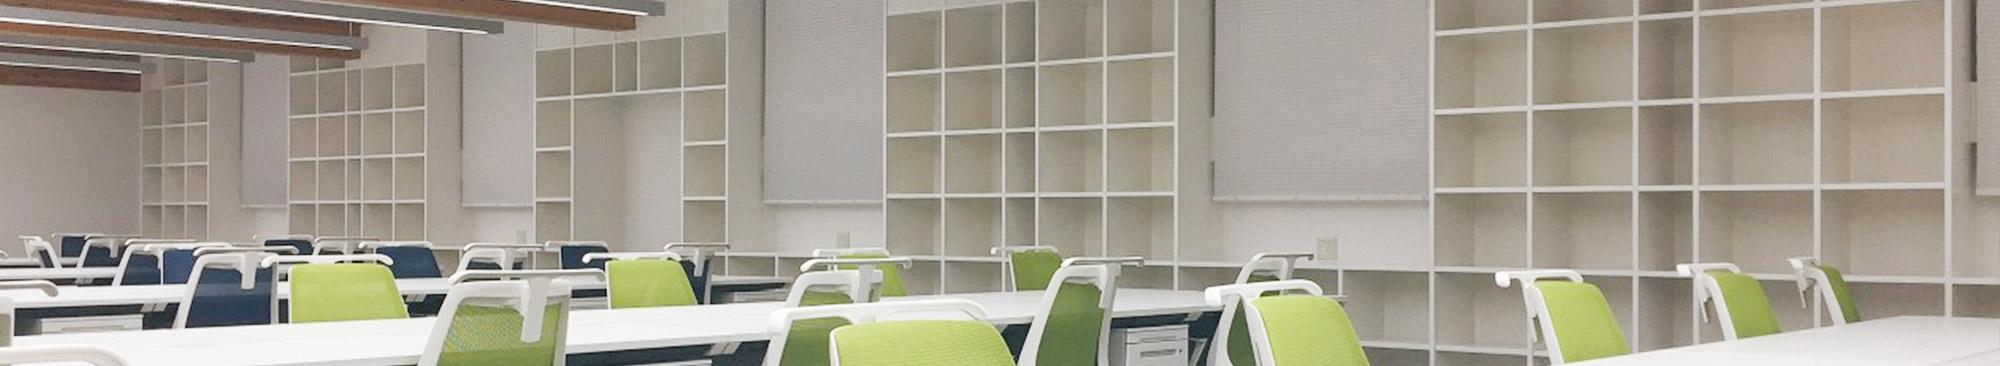 これからの家具と空間をデザインする樋浦